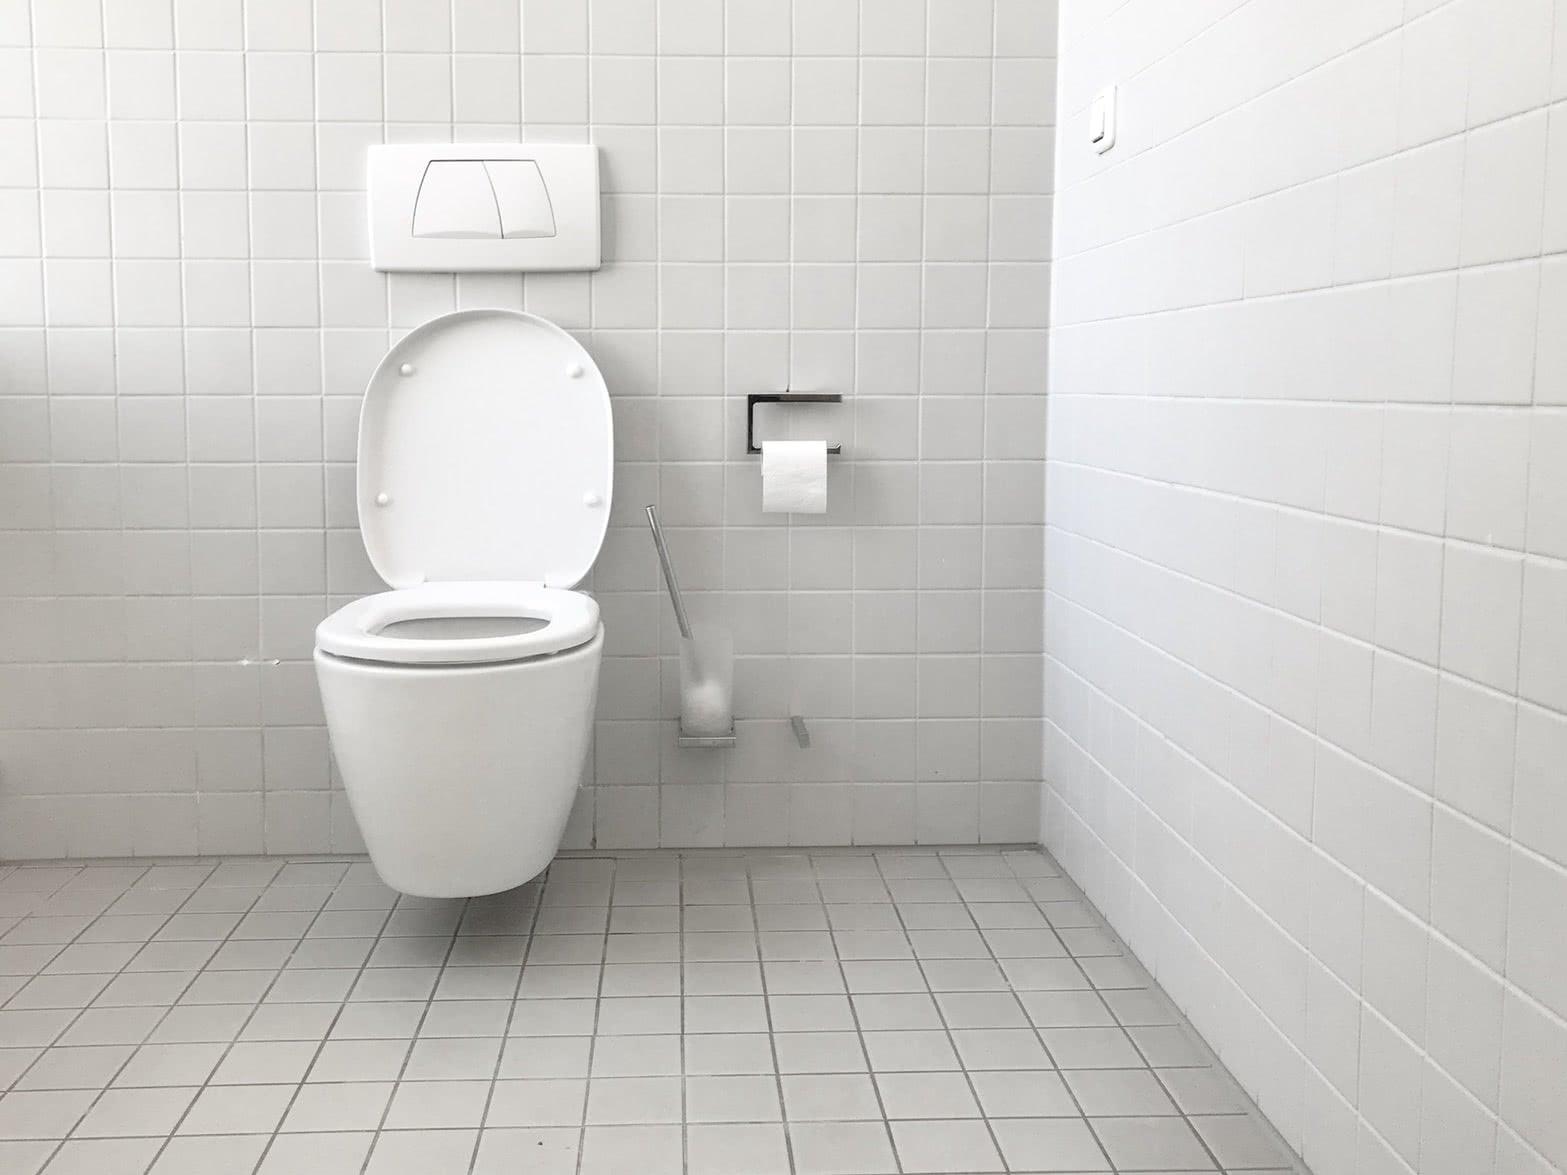 男子如厕感到臀部黏黏糊糊,定睛一看让他大惊失色!